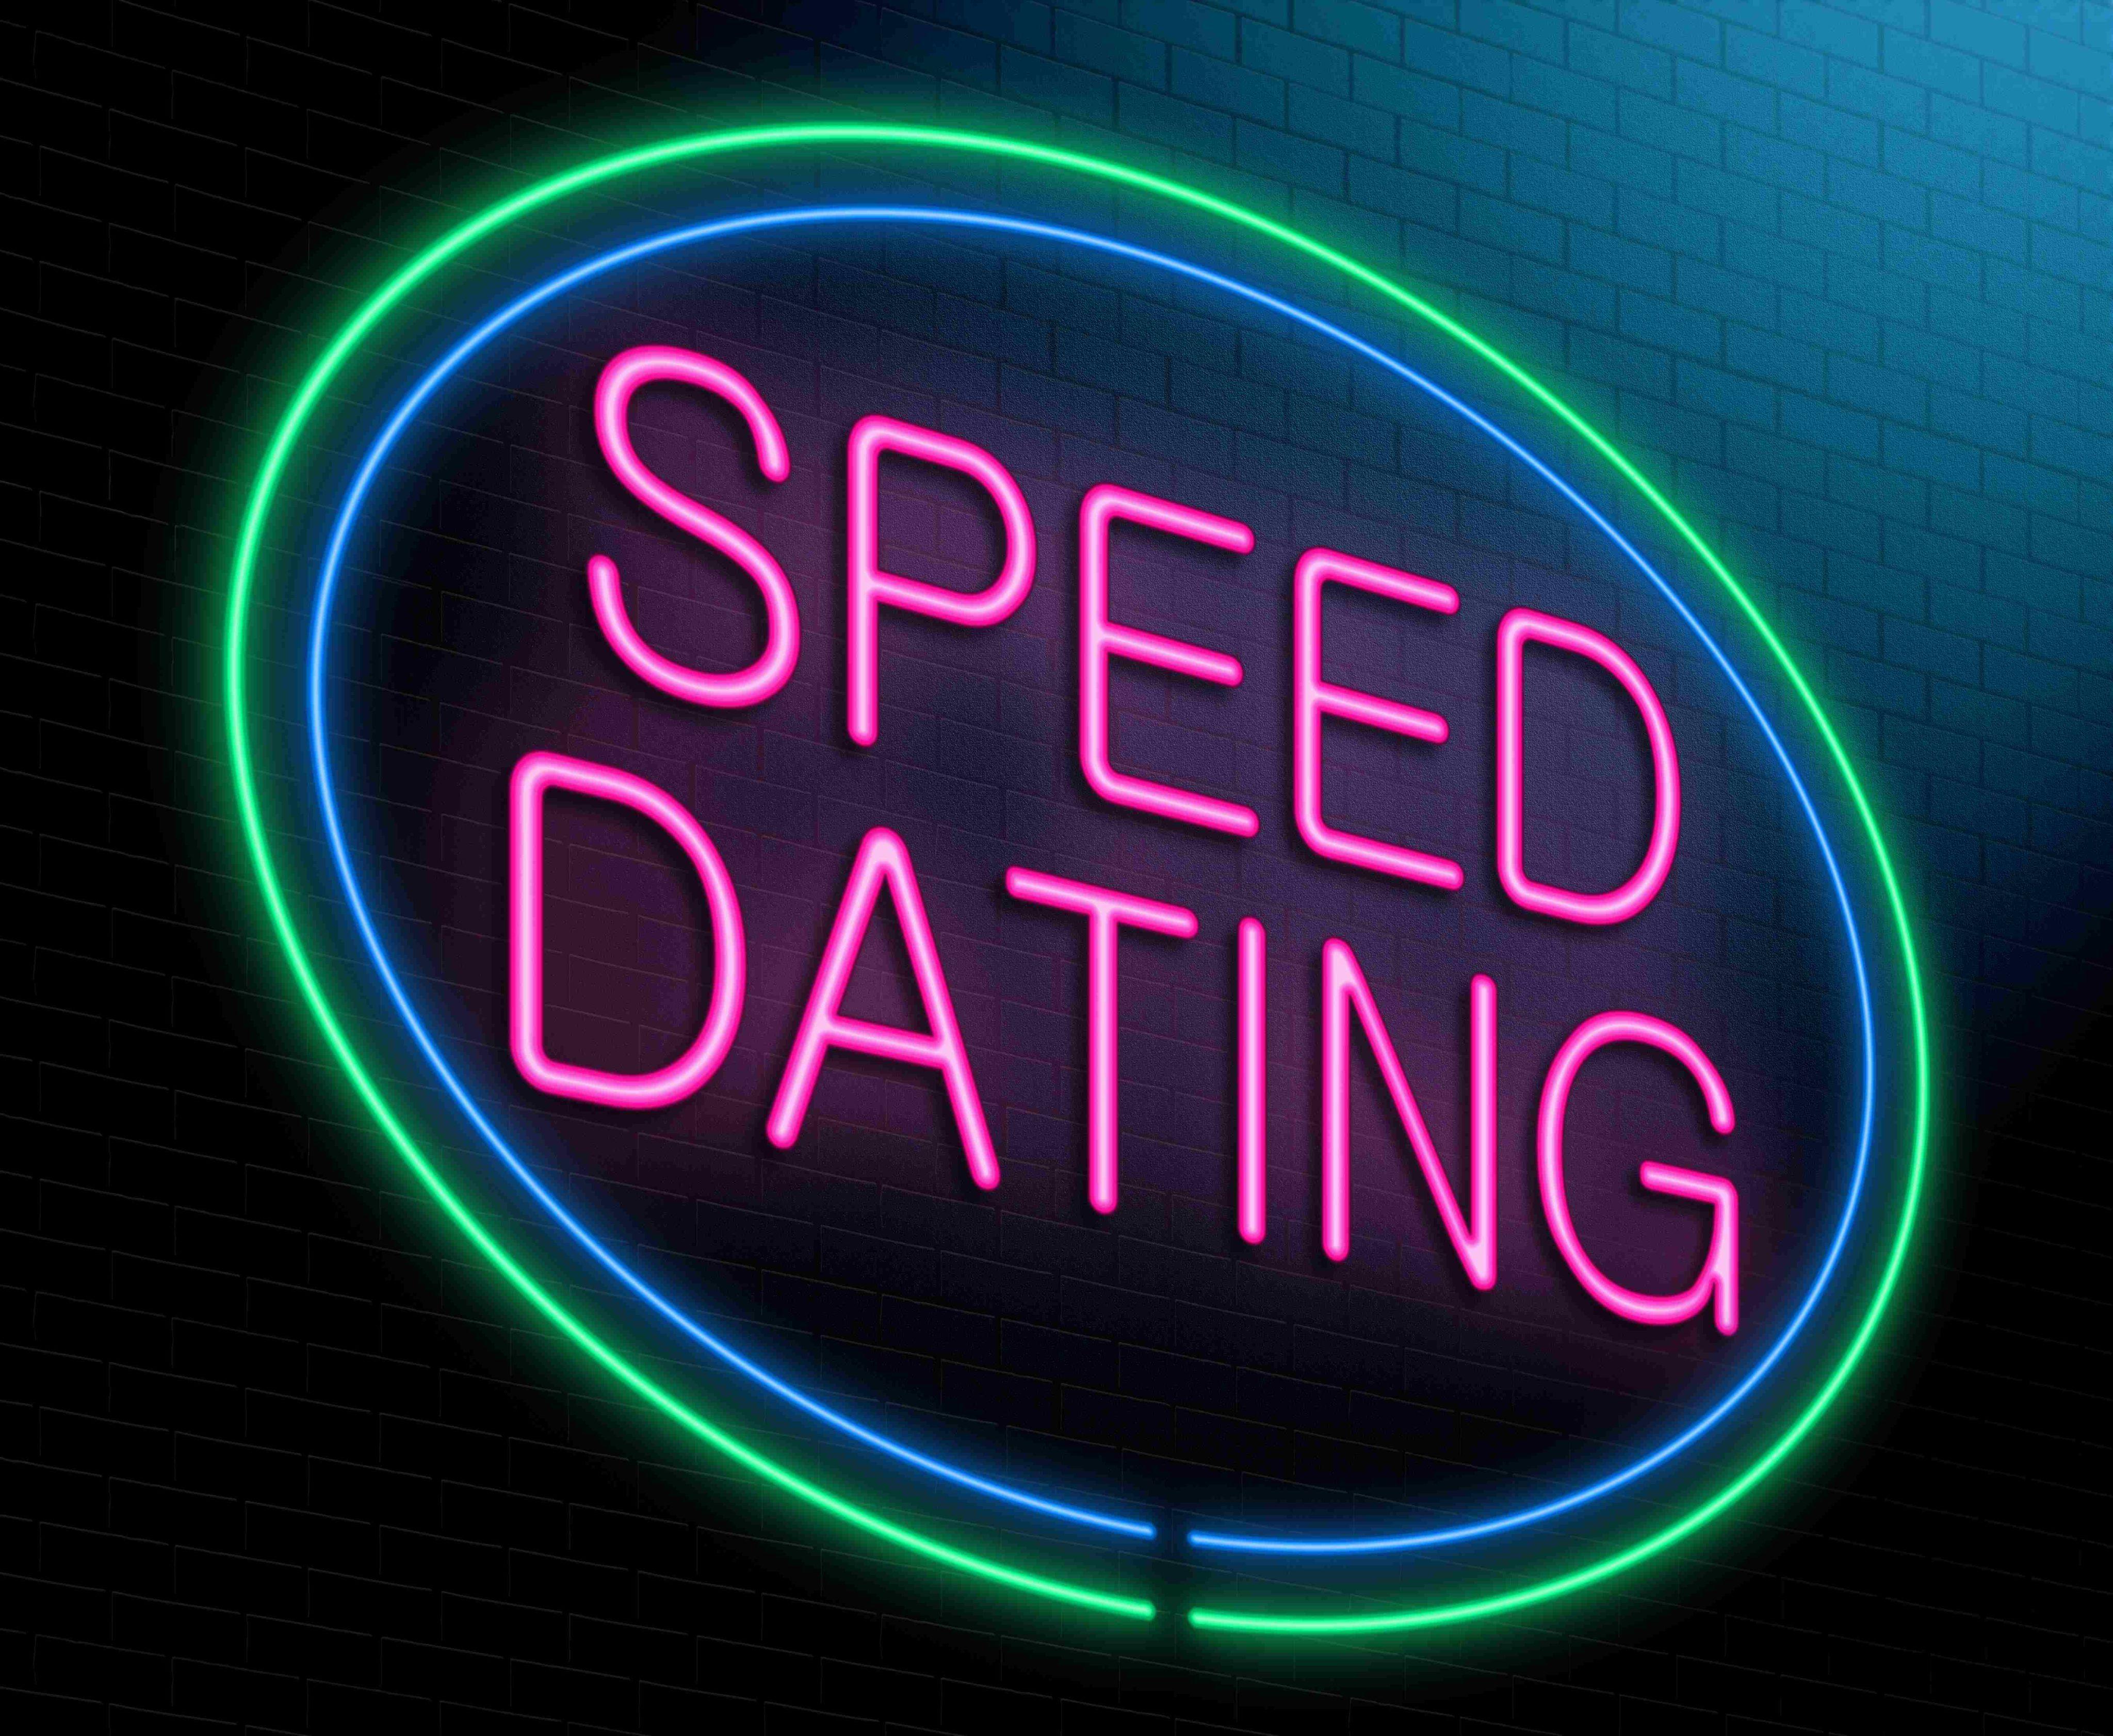 Amerikaanse soldaat dating site